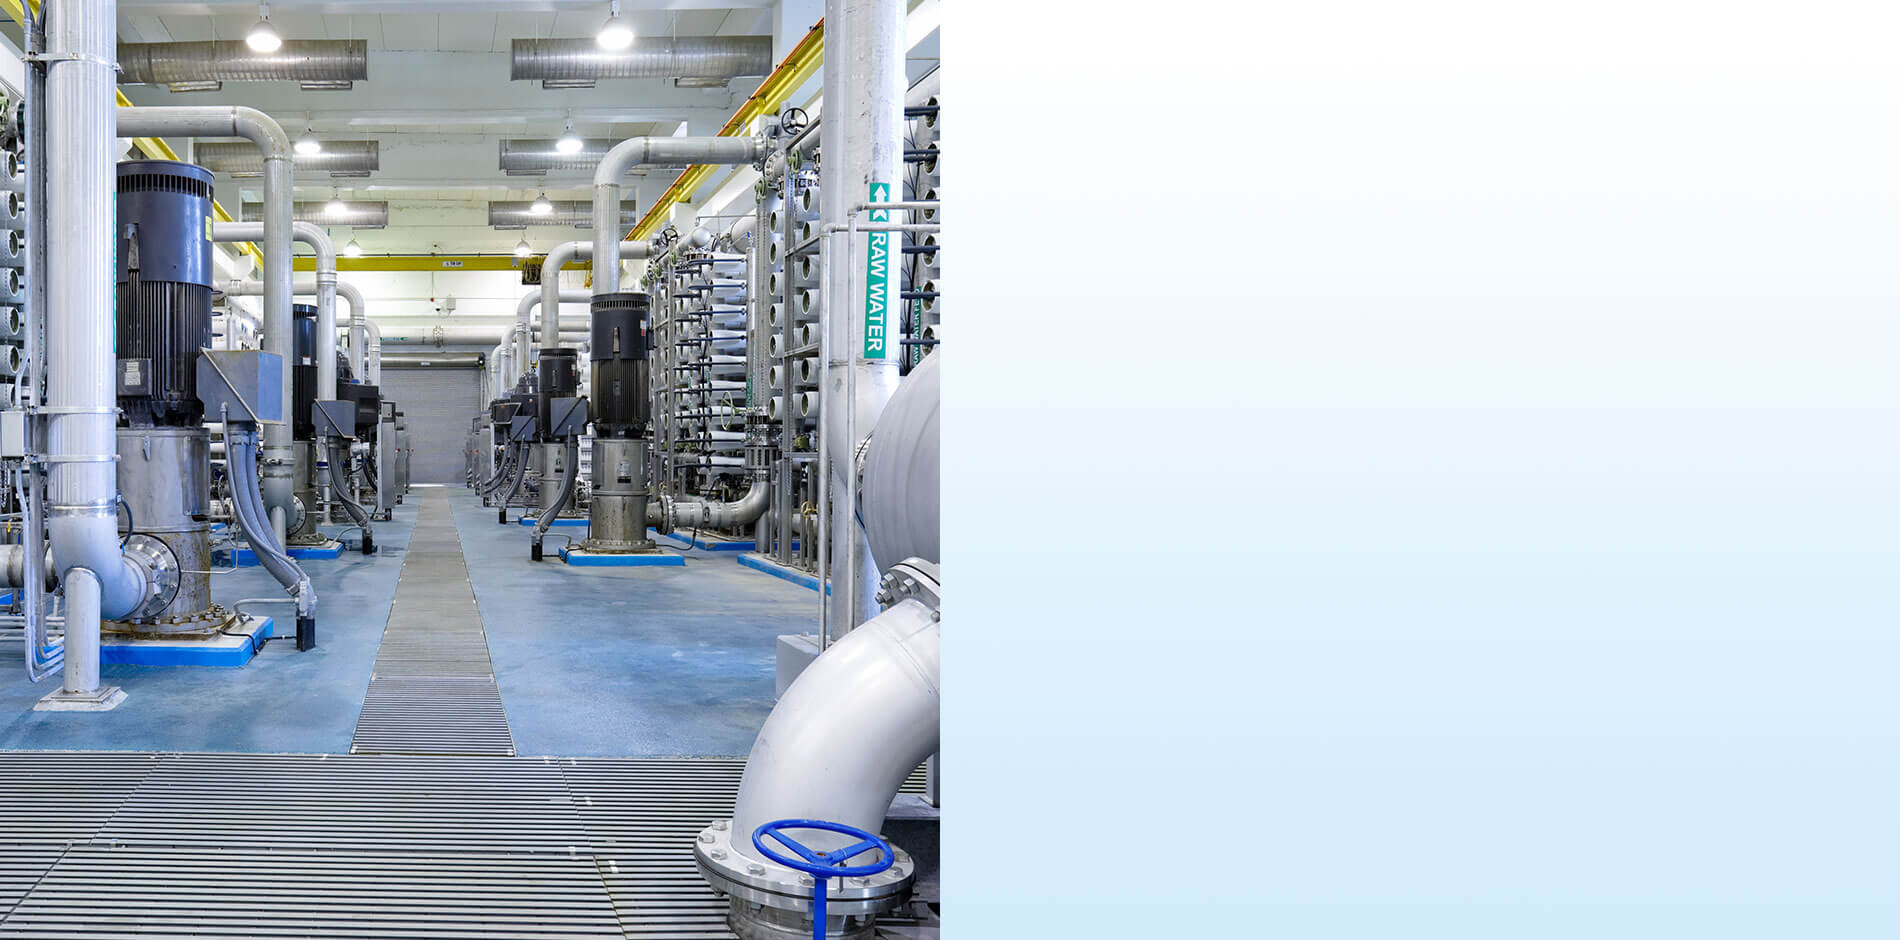 Efficacité en termes d'énergie et d'eau : dessalement d'eau de mer